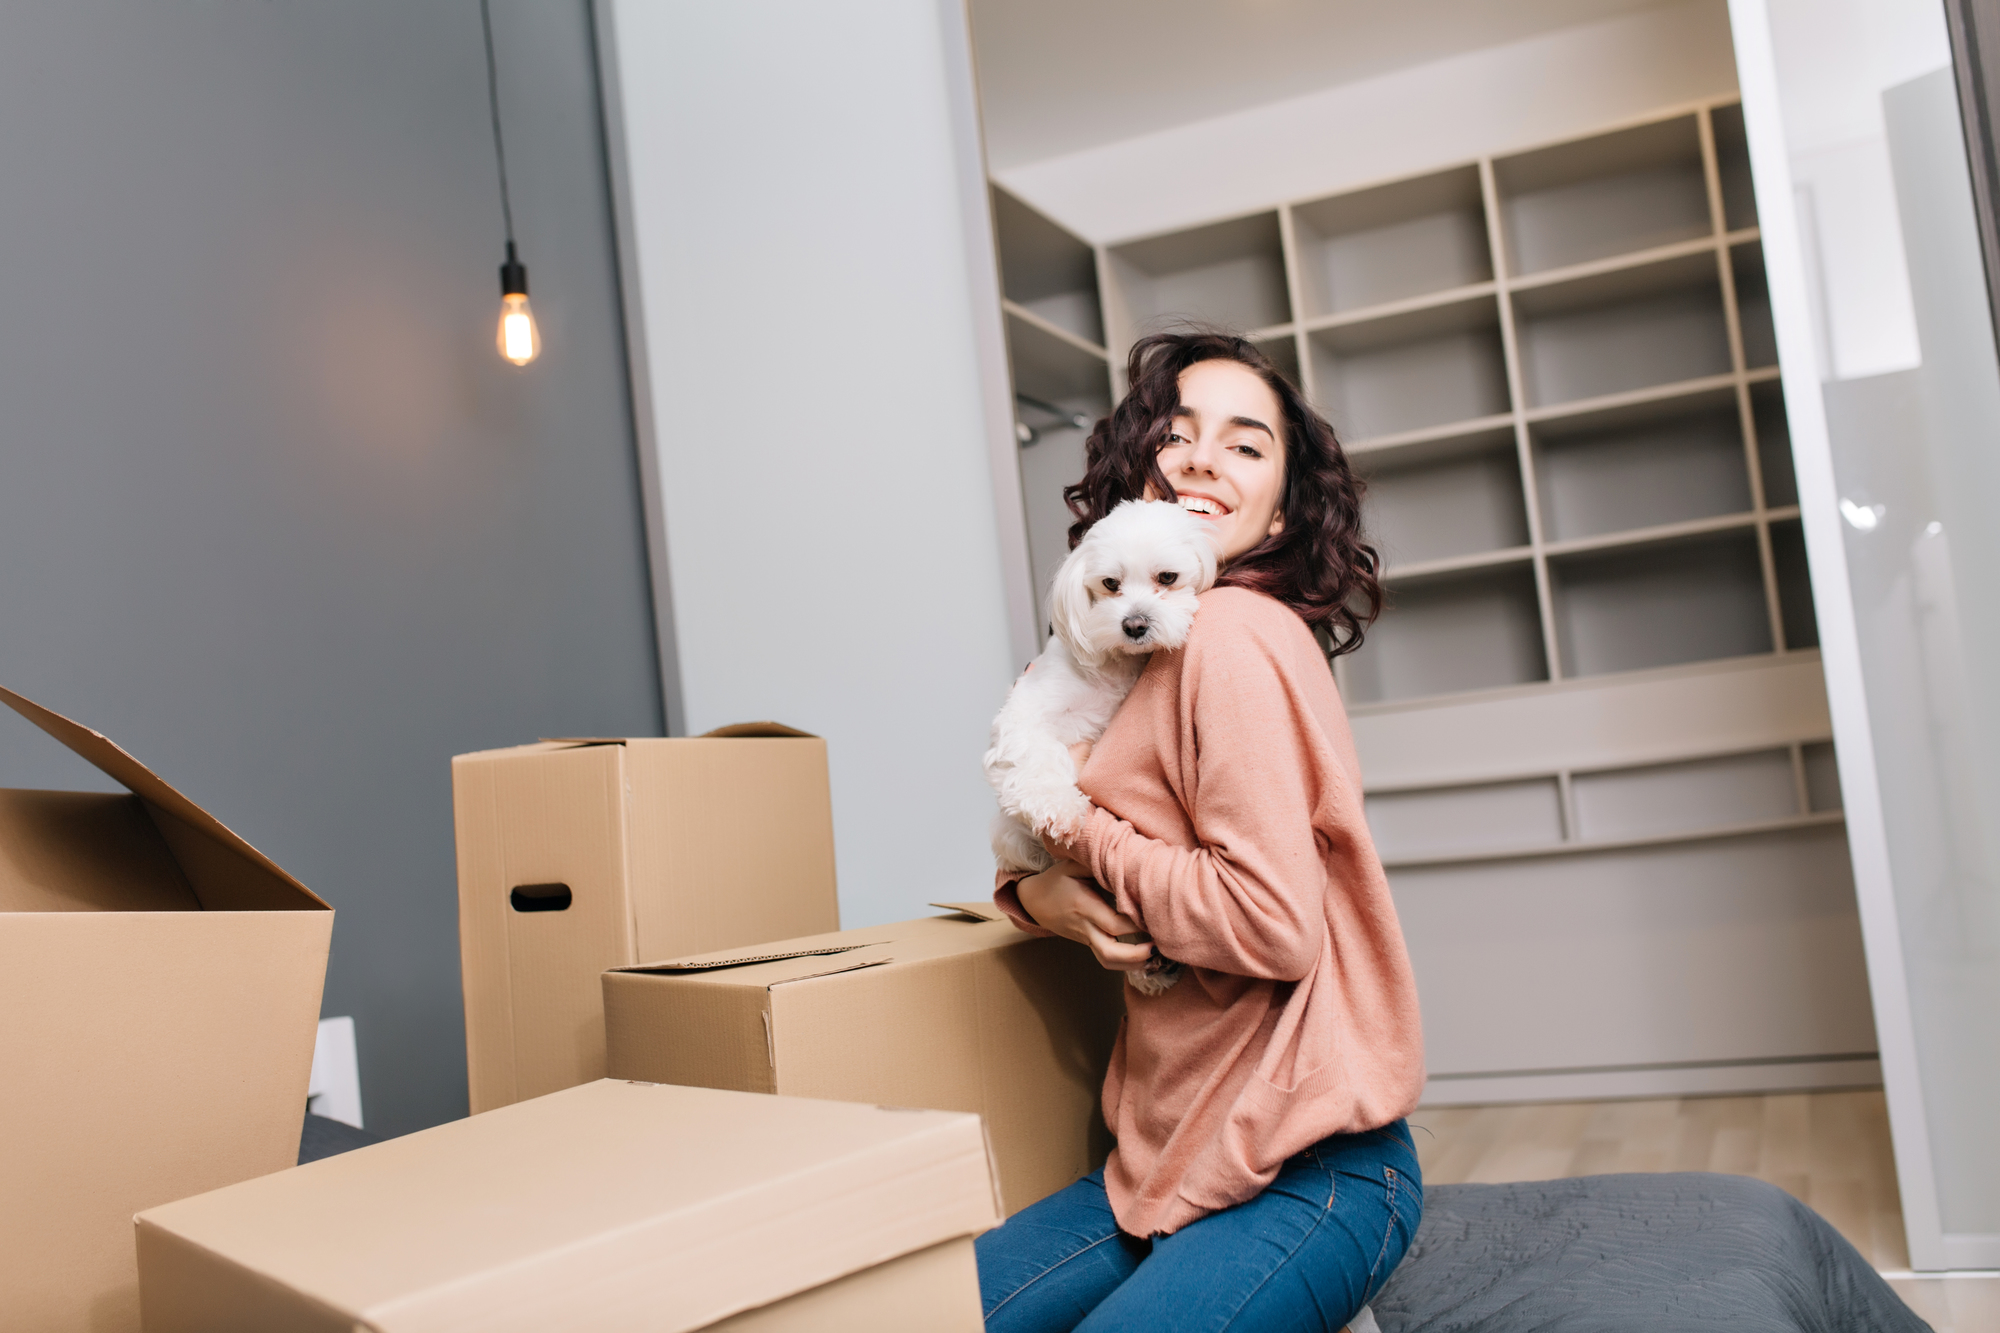 犬を抱いている女性